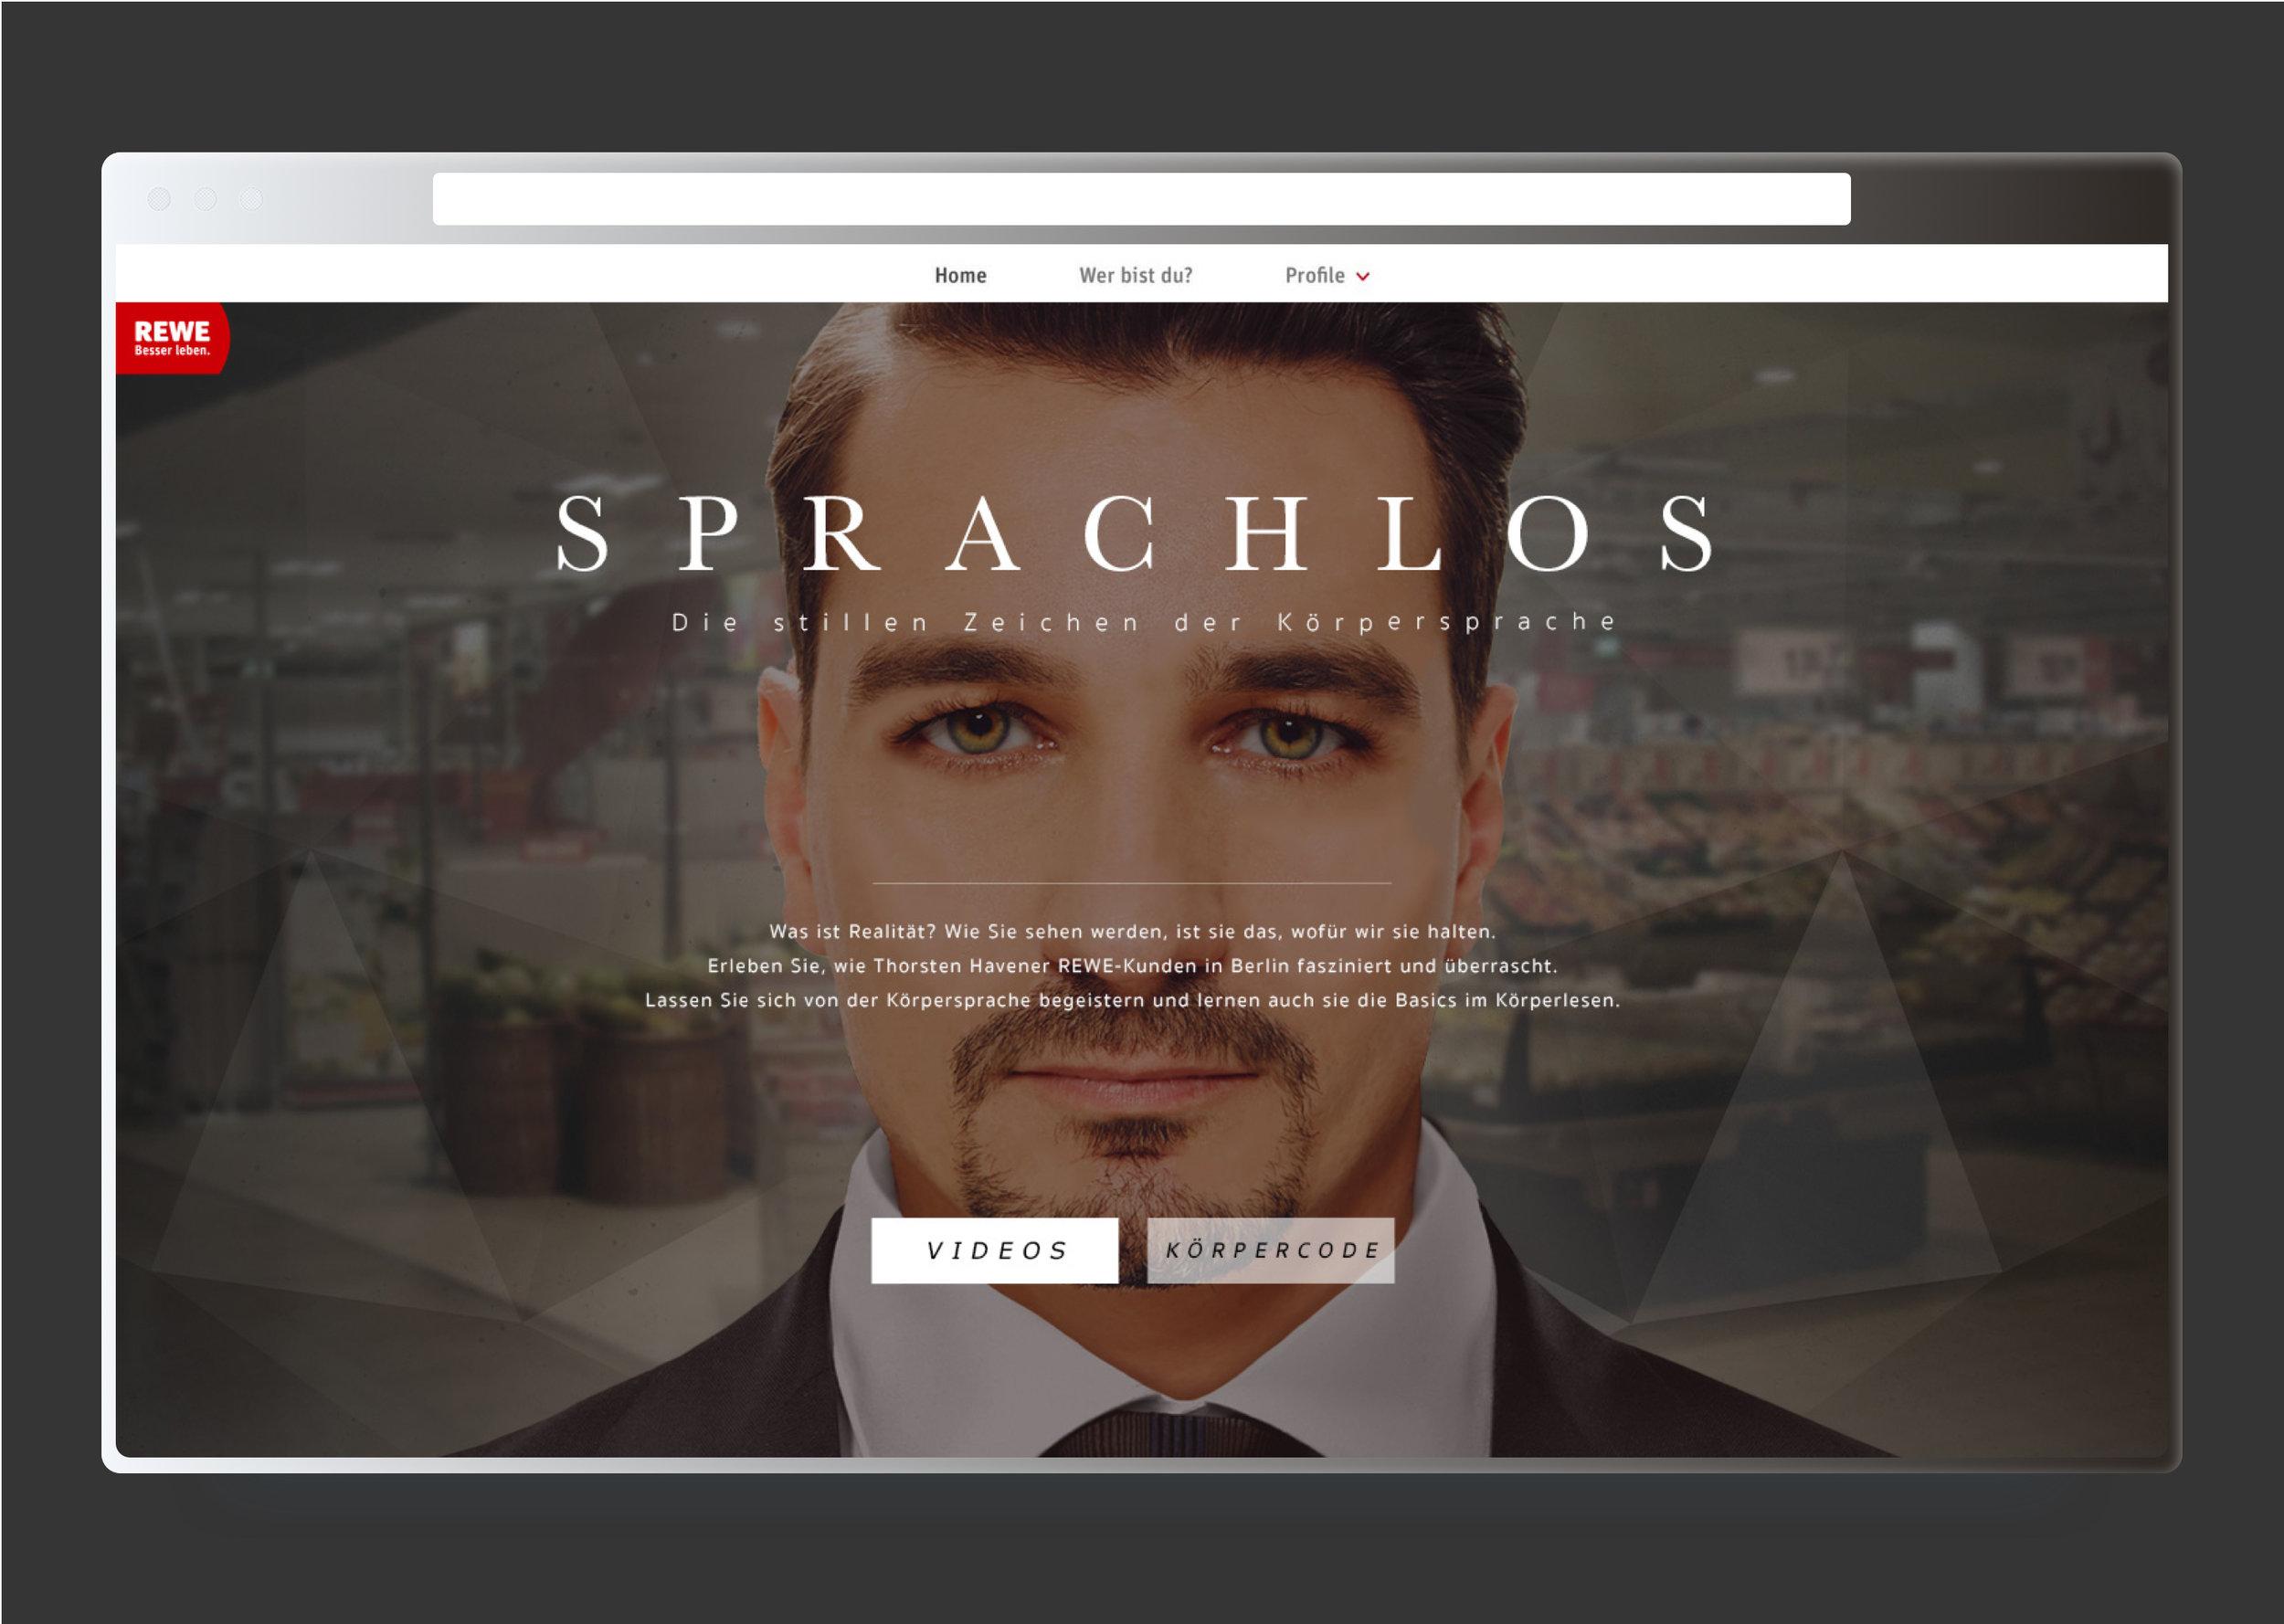 Browser-Mockup_rewe.jpg